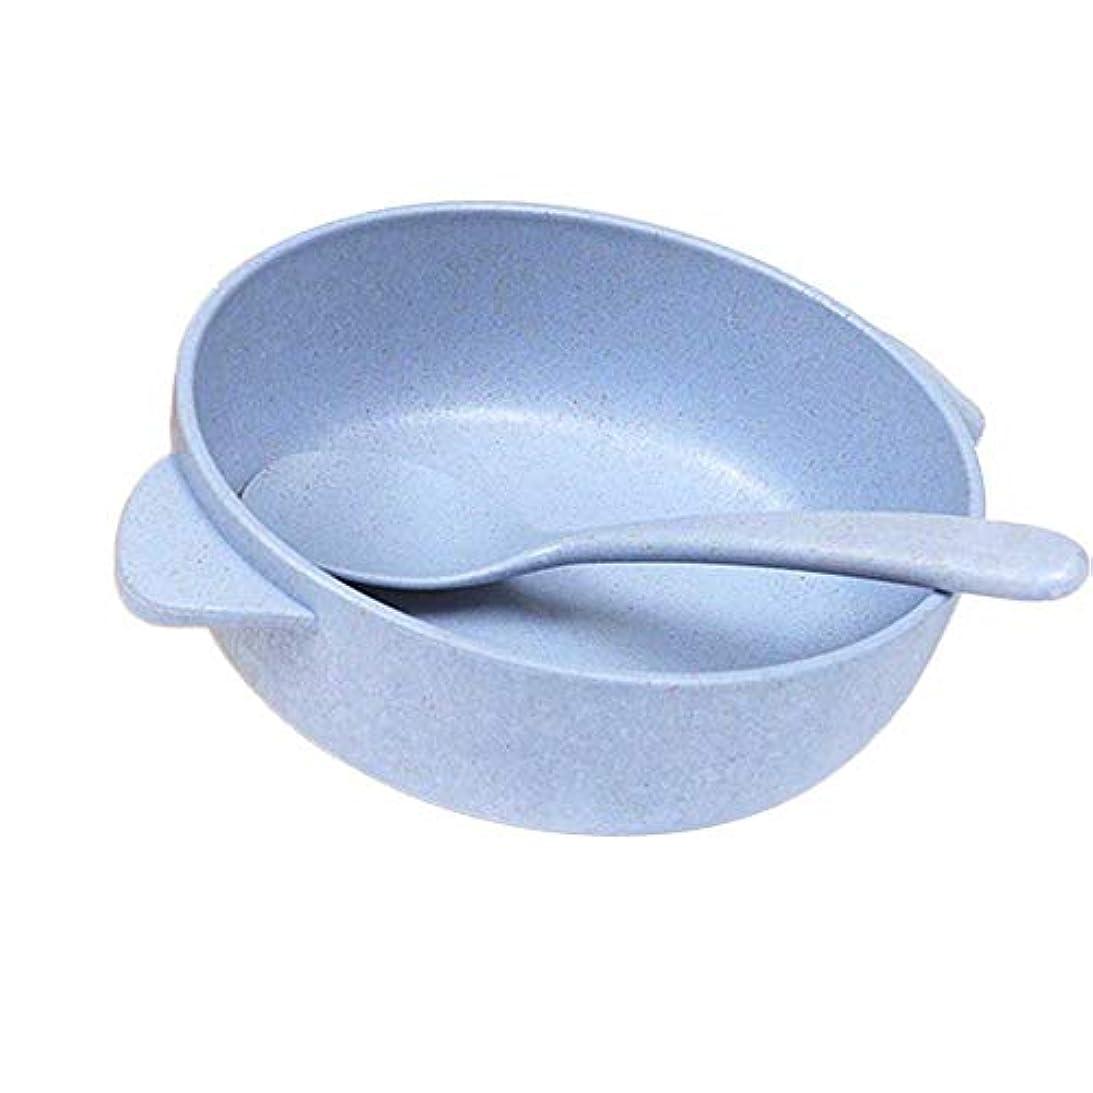 クリエイティブ麦わらプラスチック子供ディナーボウルスプーンは朝食ボウルダイニング